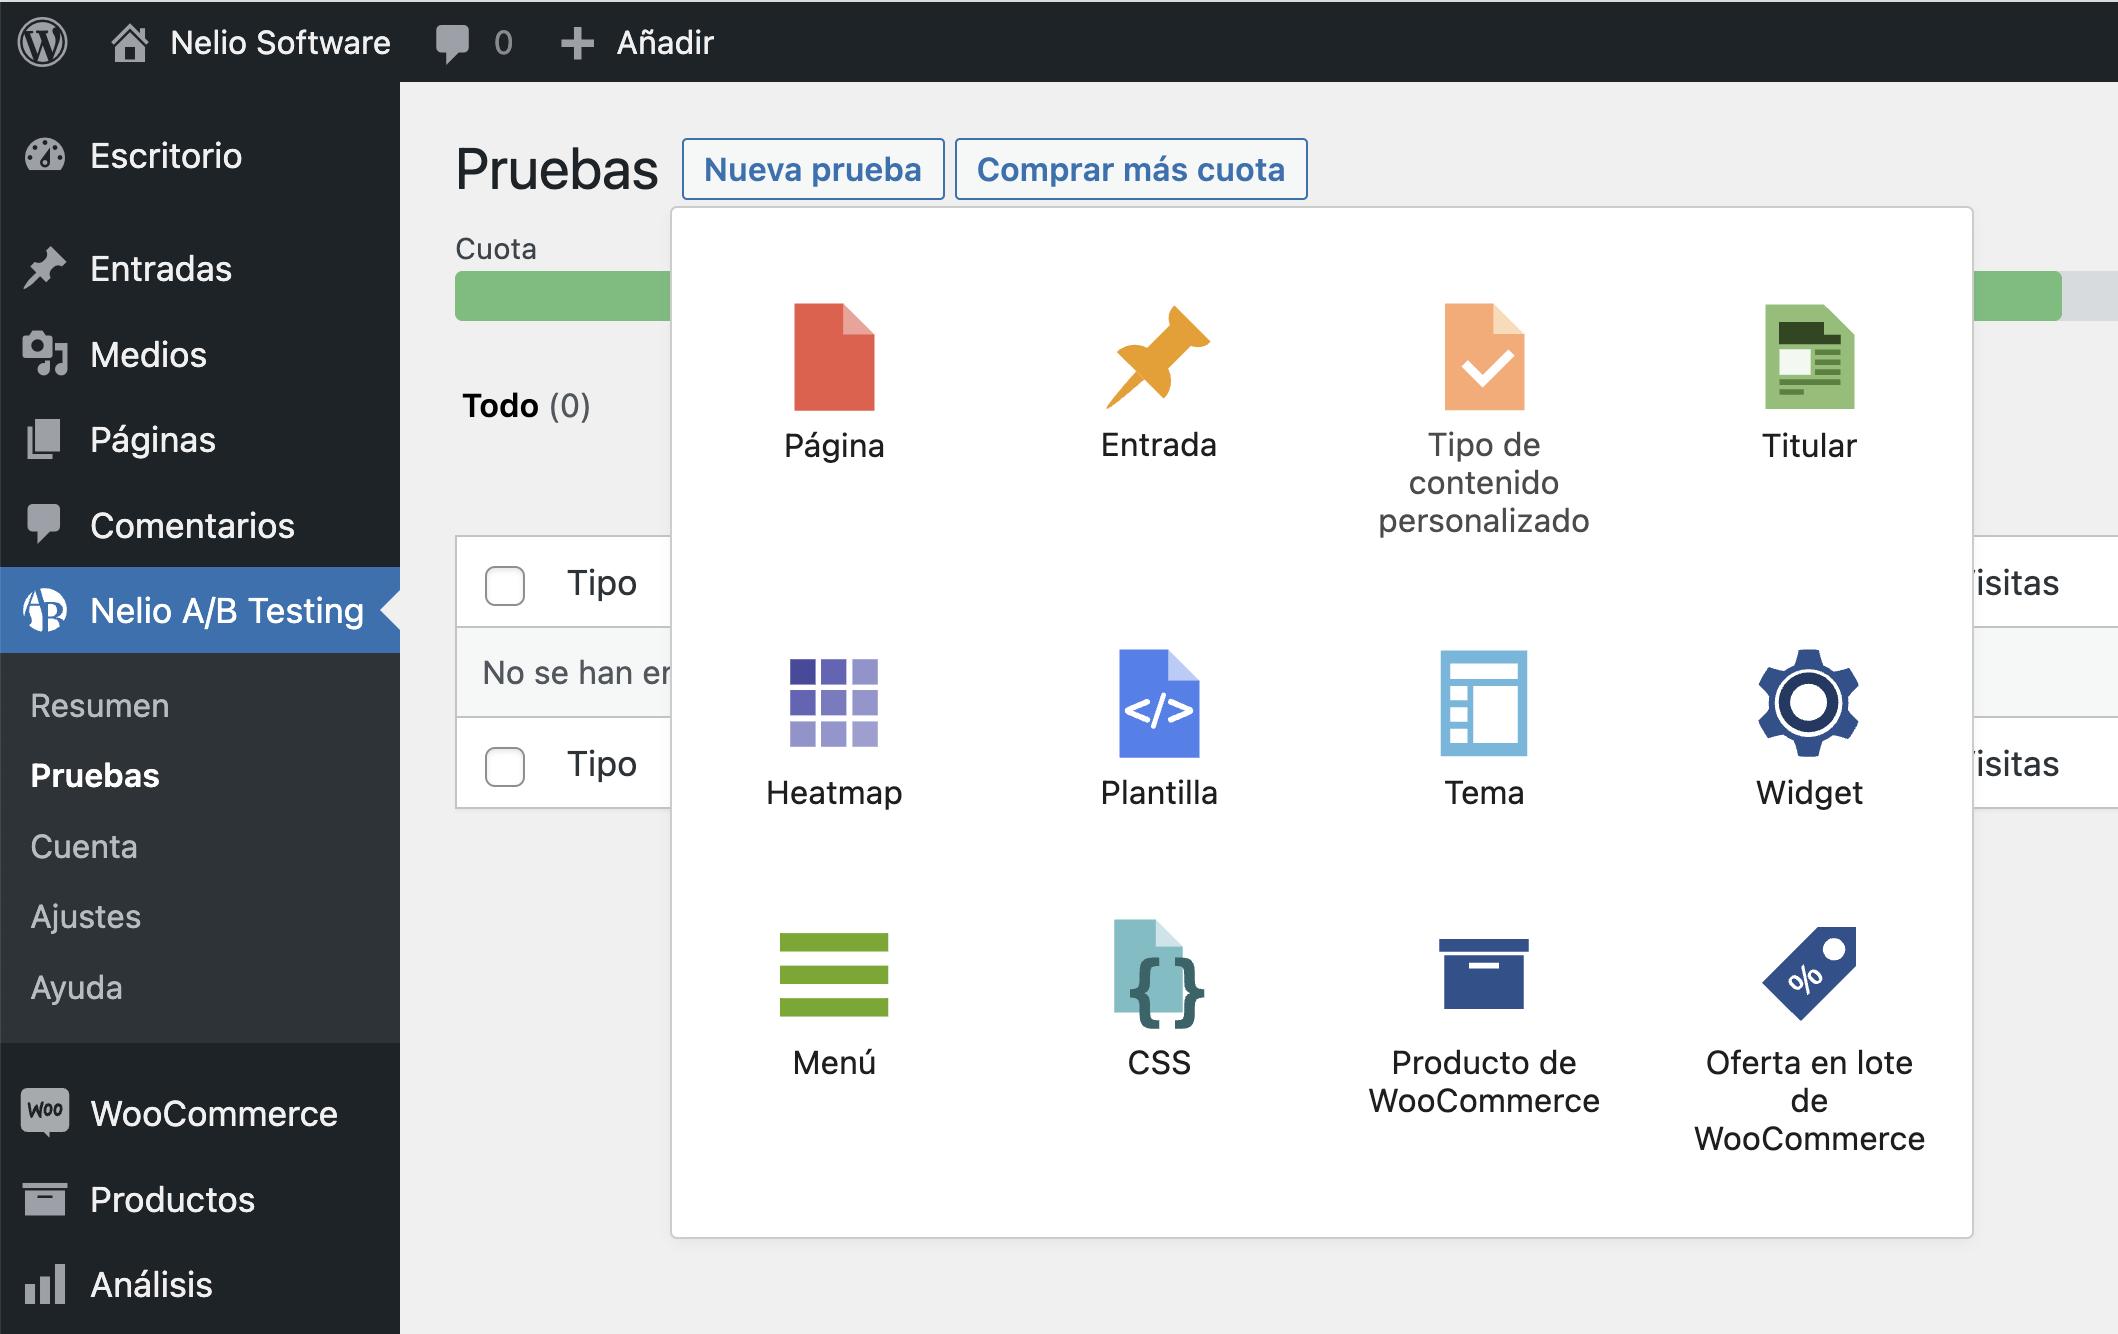 Selector de tipos de test en Nelio A/B testing.